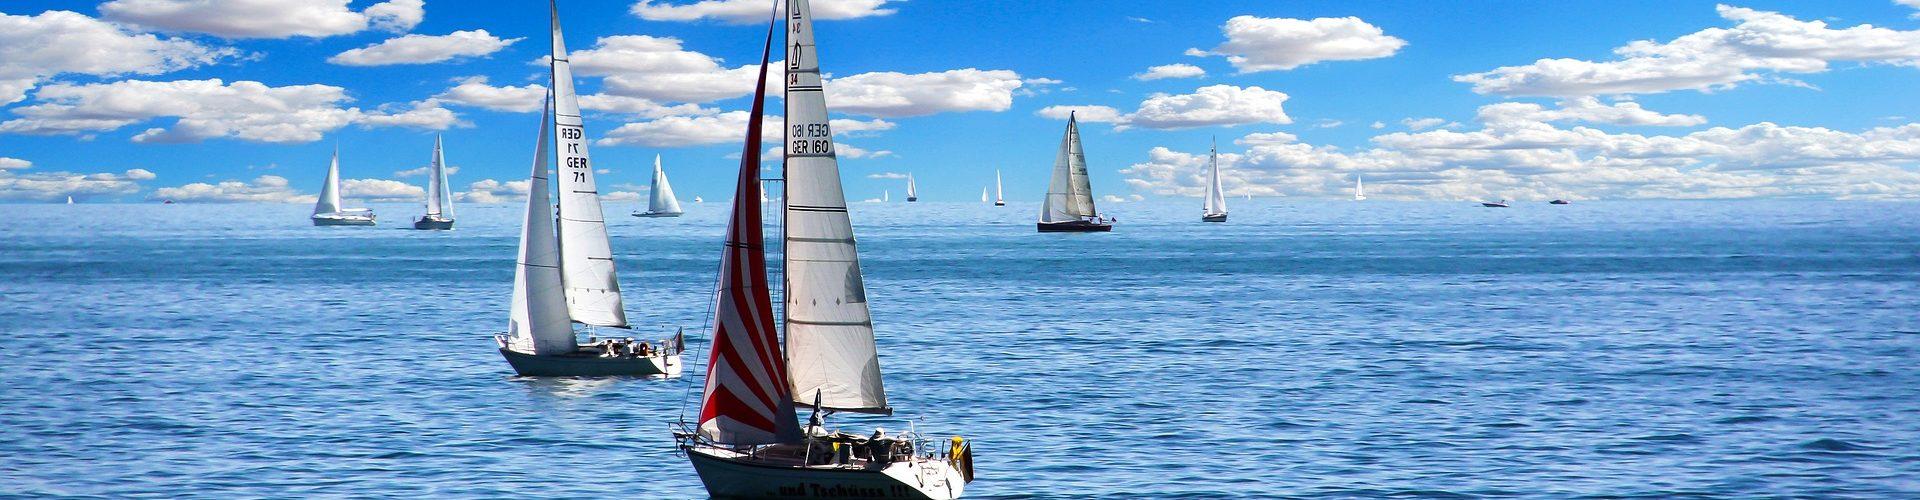 segeln lernen in Vaihingen an der Enz segelschein machen in Vaihingen an der Enz 1920x500 - Segeln lernen in Vaihingen an der Enz